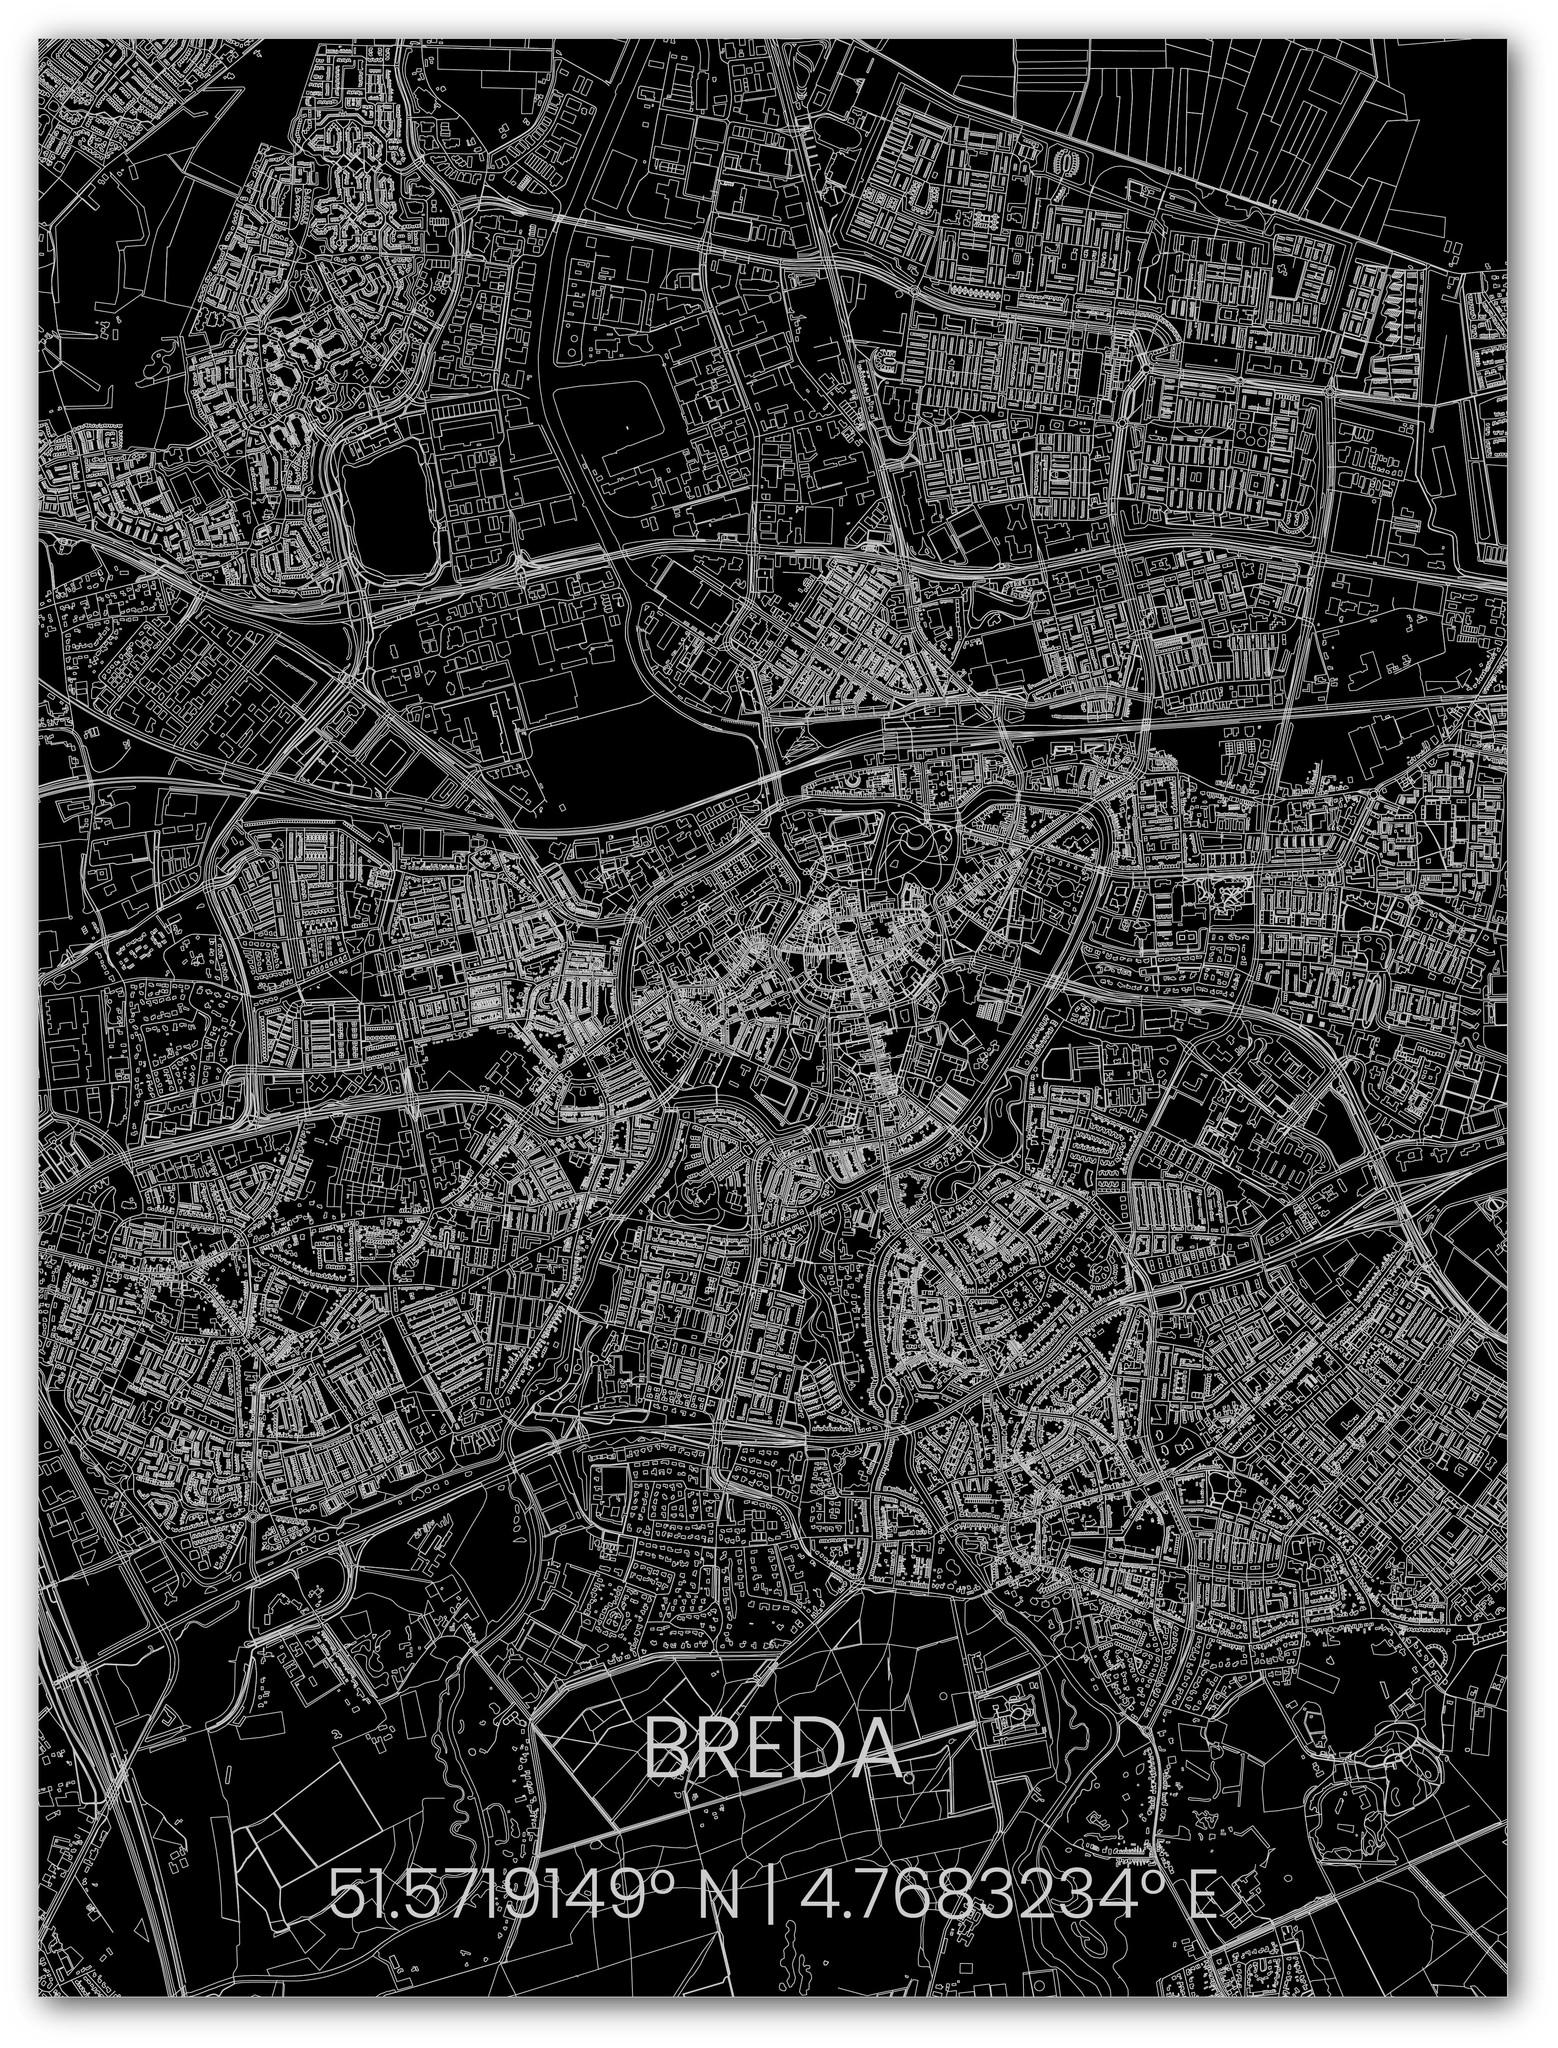 Metalen stadsplattegrond Breda-1